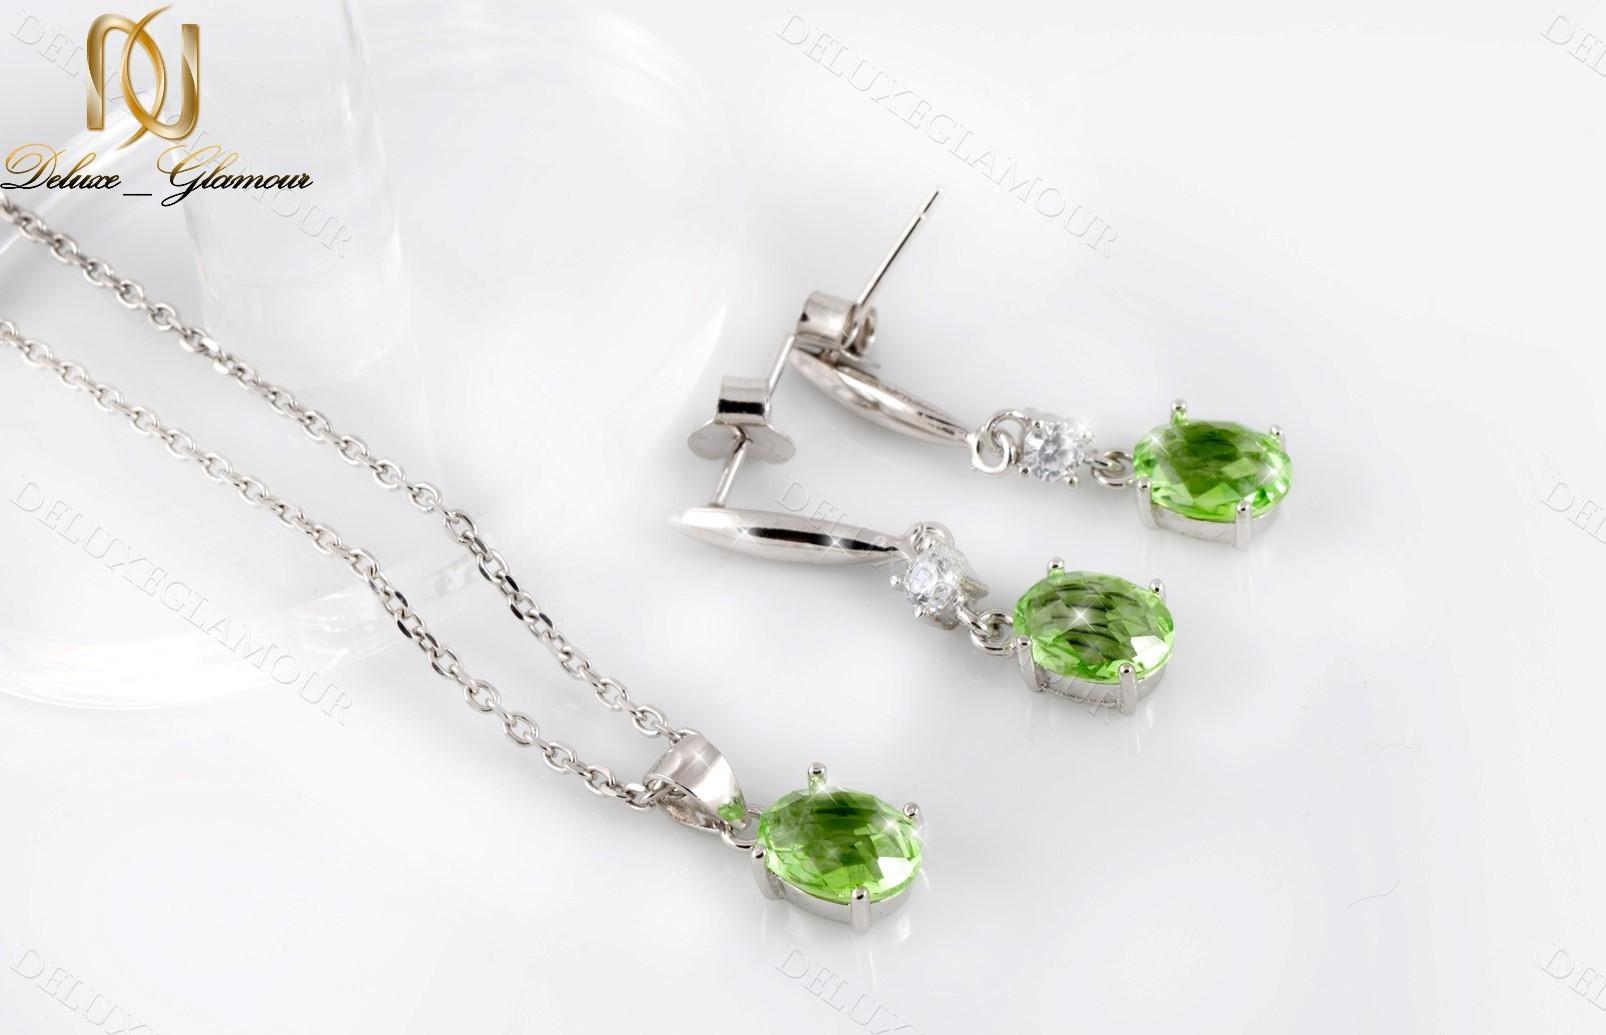 خرید نیم ست نقره زنانه با کریستال سواروسکی سبز Ns-n201 - عکس اصلی